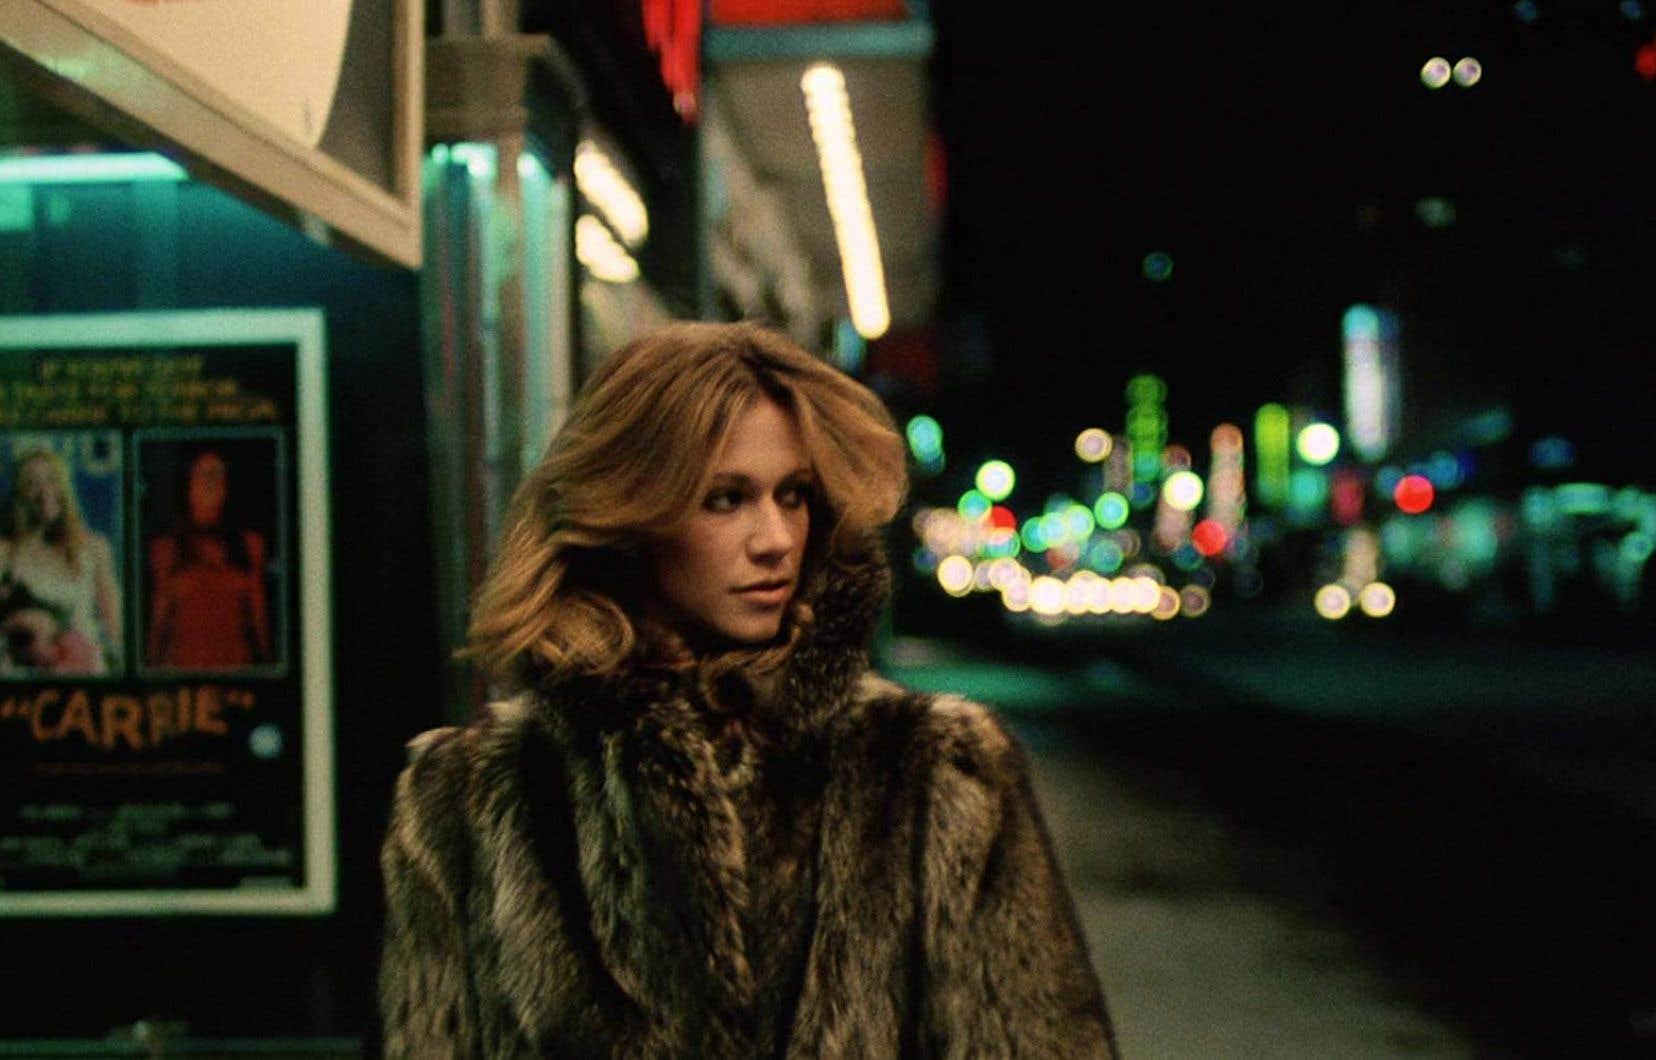 Marilyn Chambers part en chasse dans «Rabid» de David Cronenberg. La femme développe une excroissance en forme de dard à l'aisselle après avoir reçu un greffon expérimental dans une clinique privée. En proie à d'incontrôlables pulsions, elle aspire le sang de quiconque croise sa route.